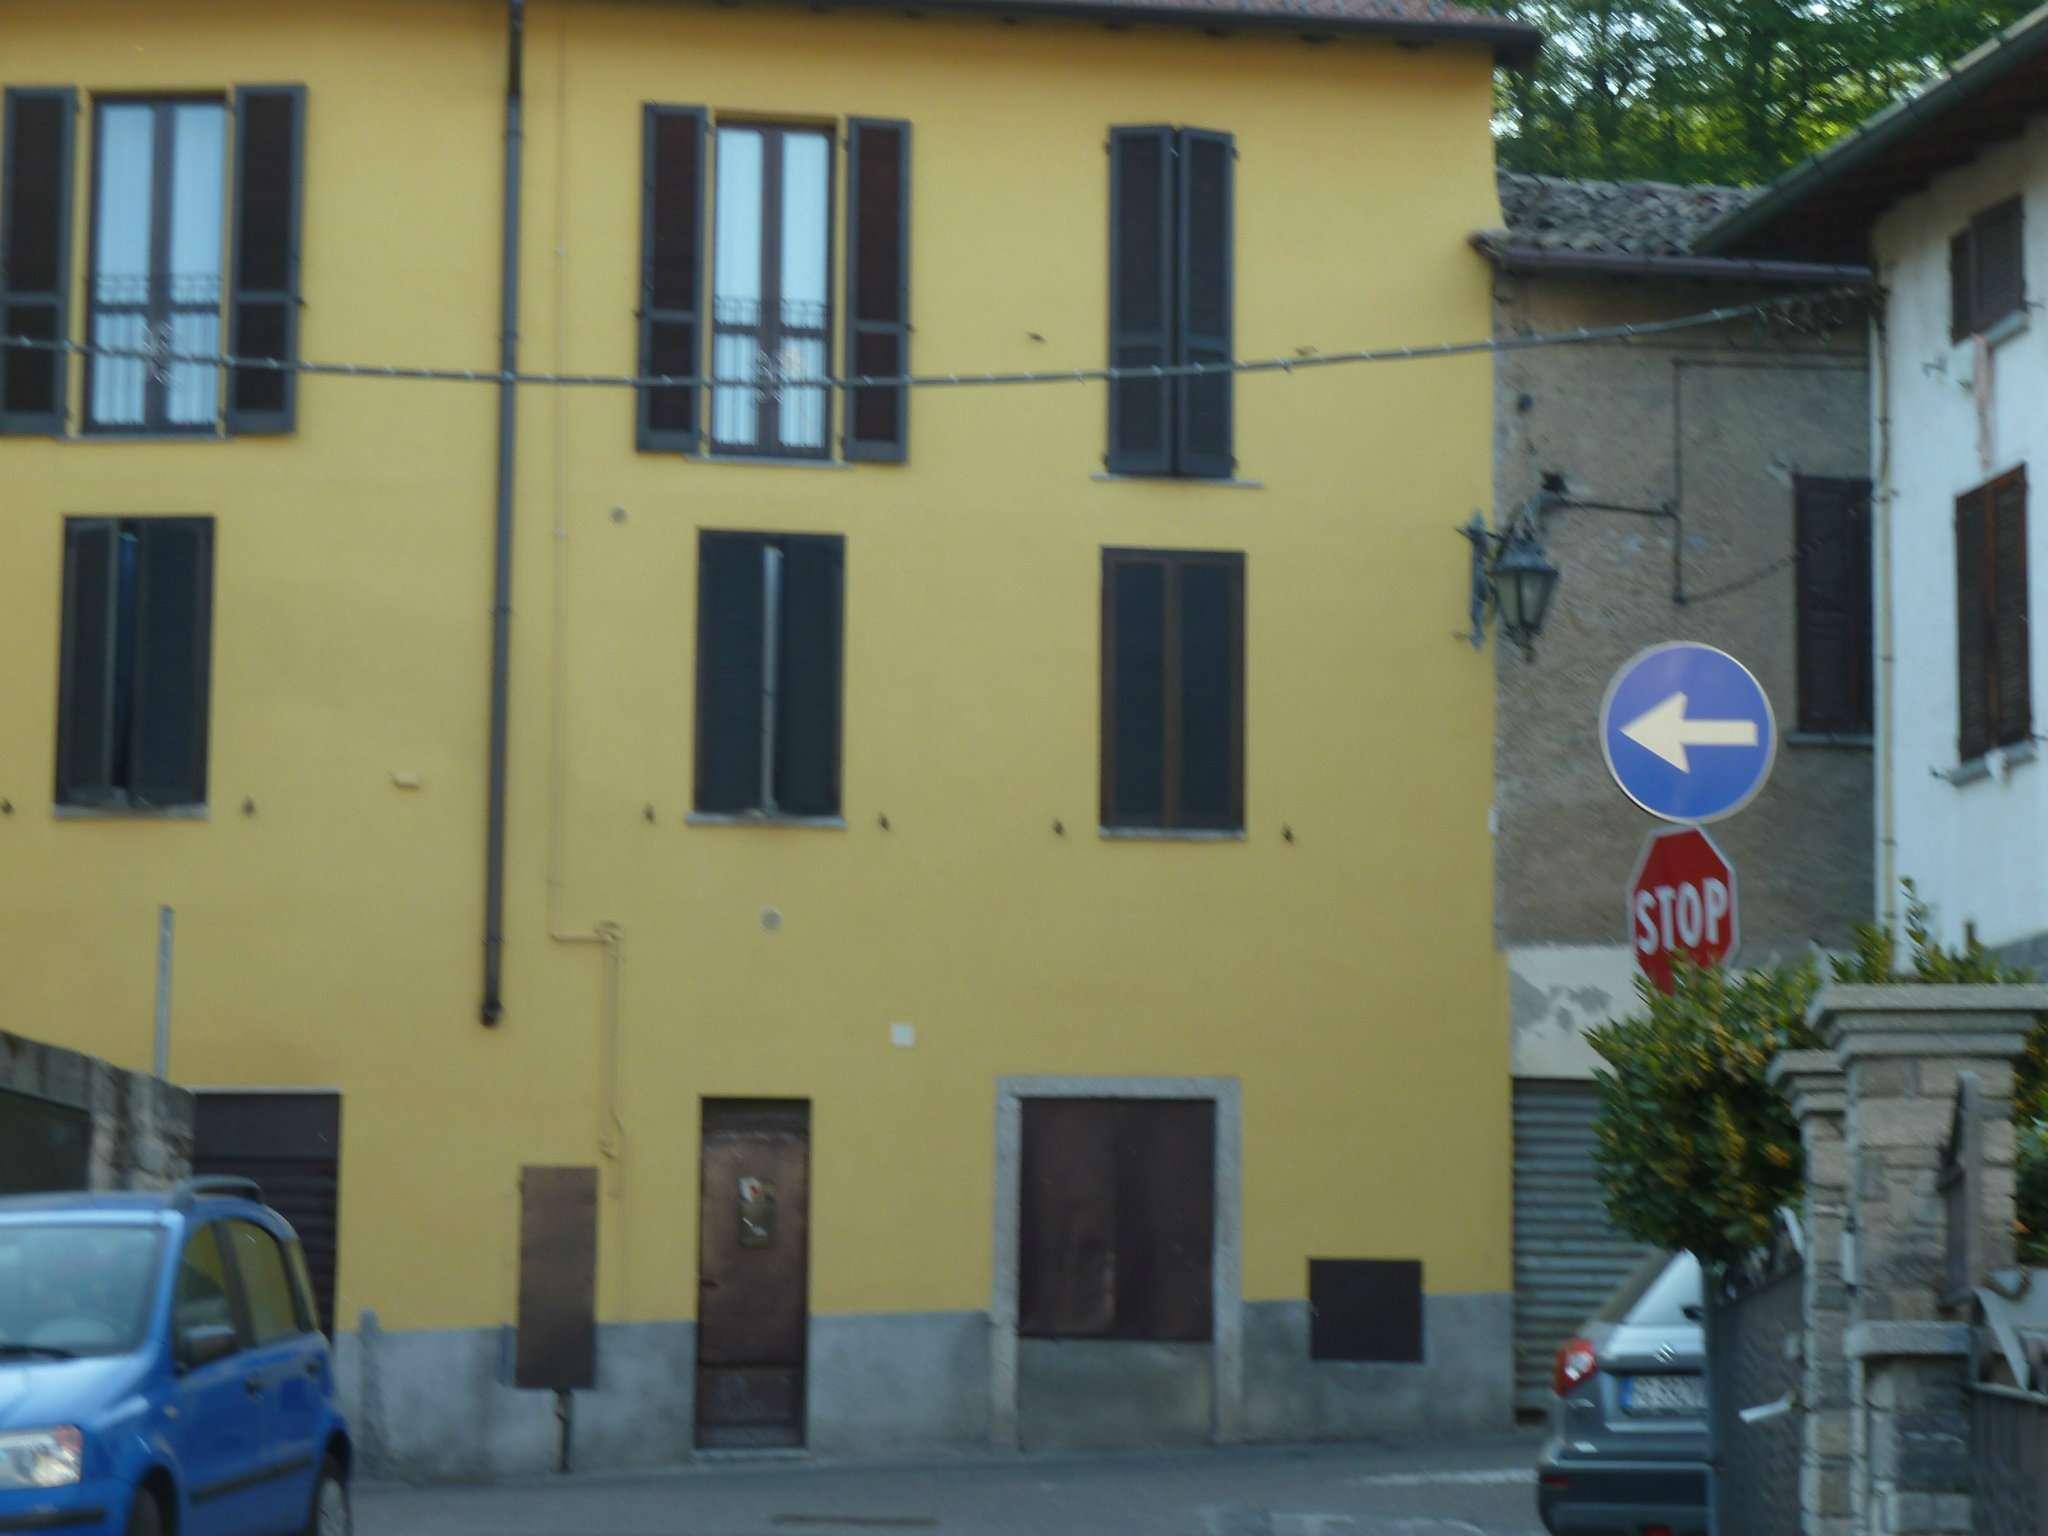 Magazzino in affitto a Gazzada Schianno, 1 locali, prezzo € 200 | CambioCasa.it